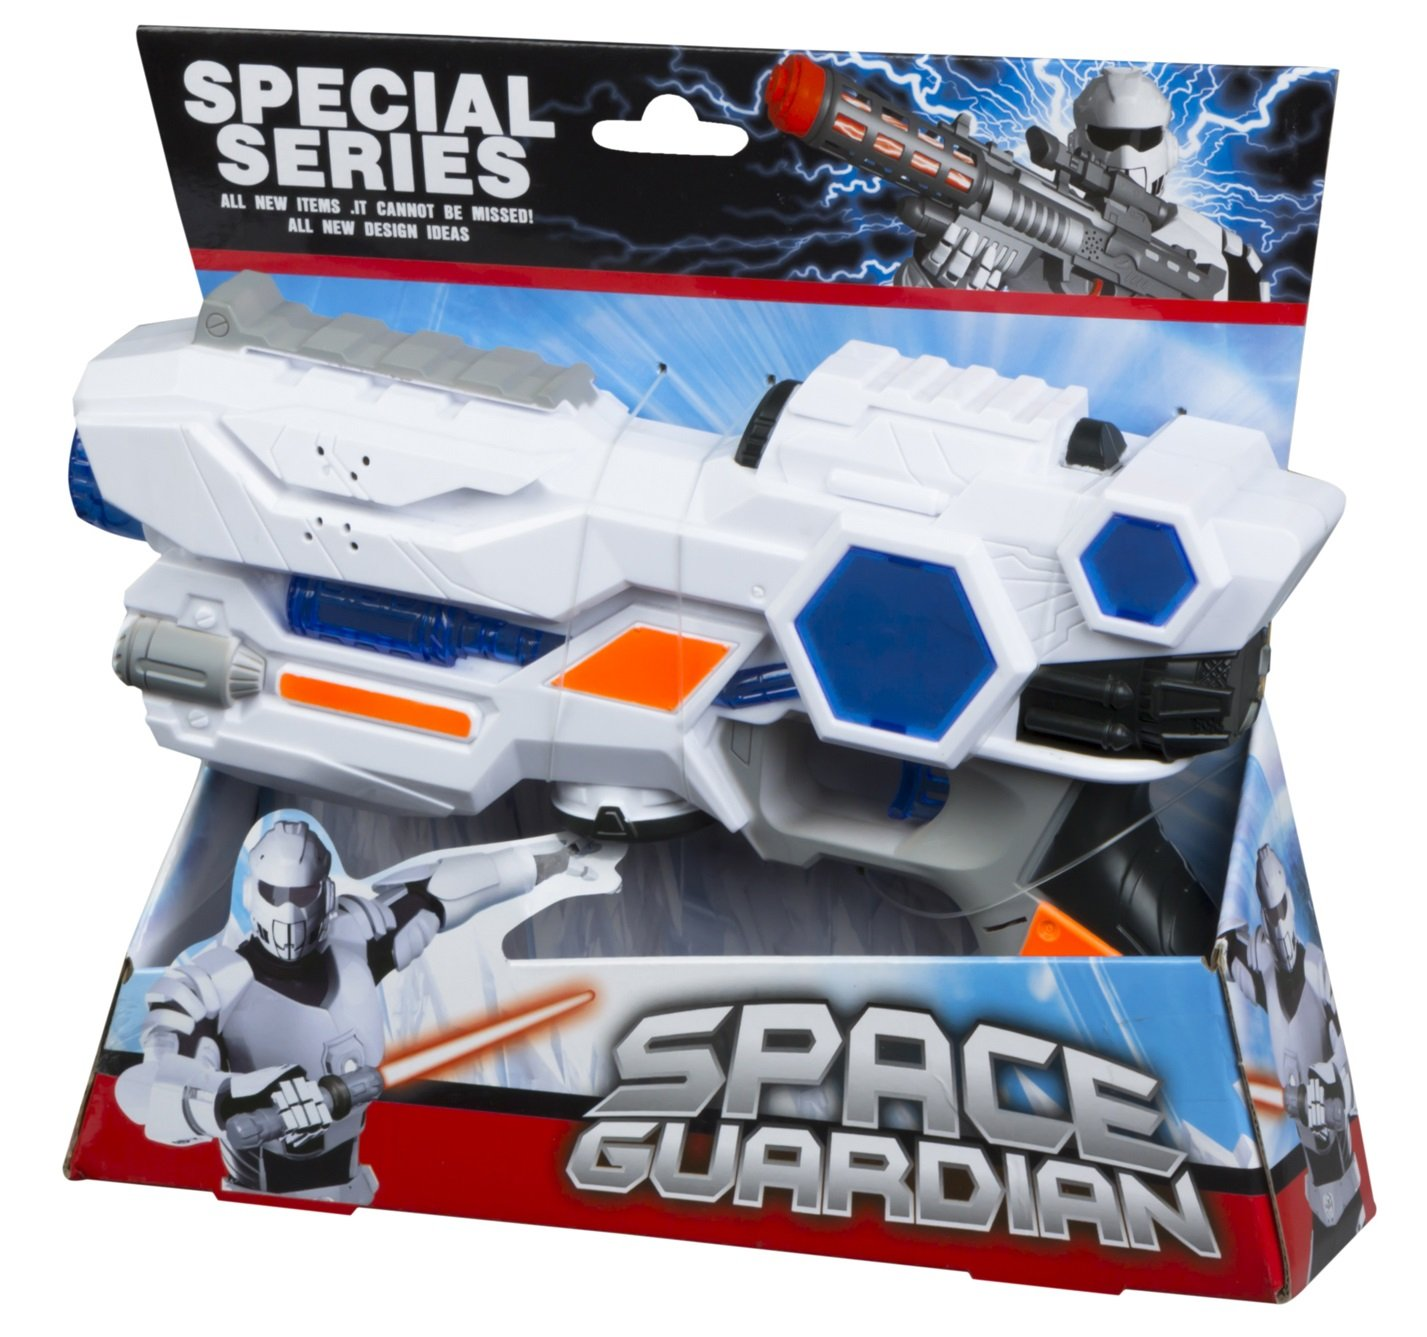 Color Baby - Pistola espacial con luz y sonidos, 24 x 5 x 22 cm (44041.0)